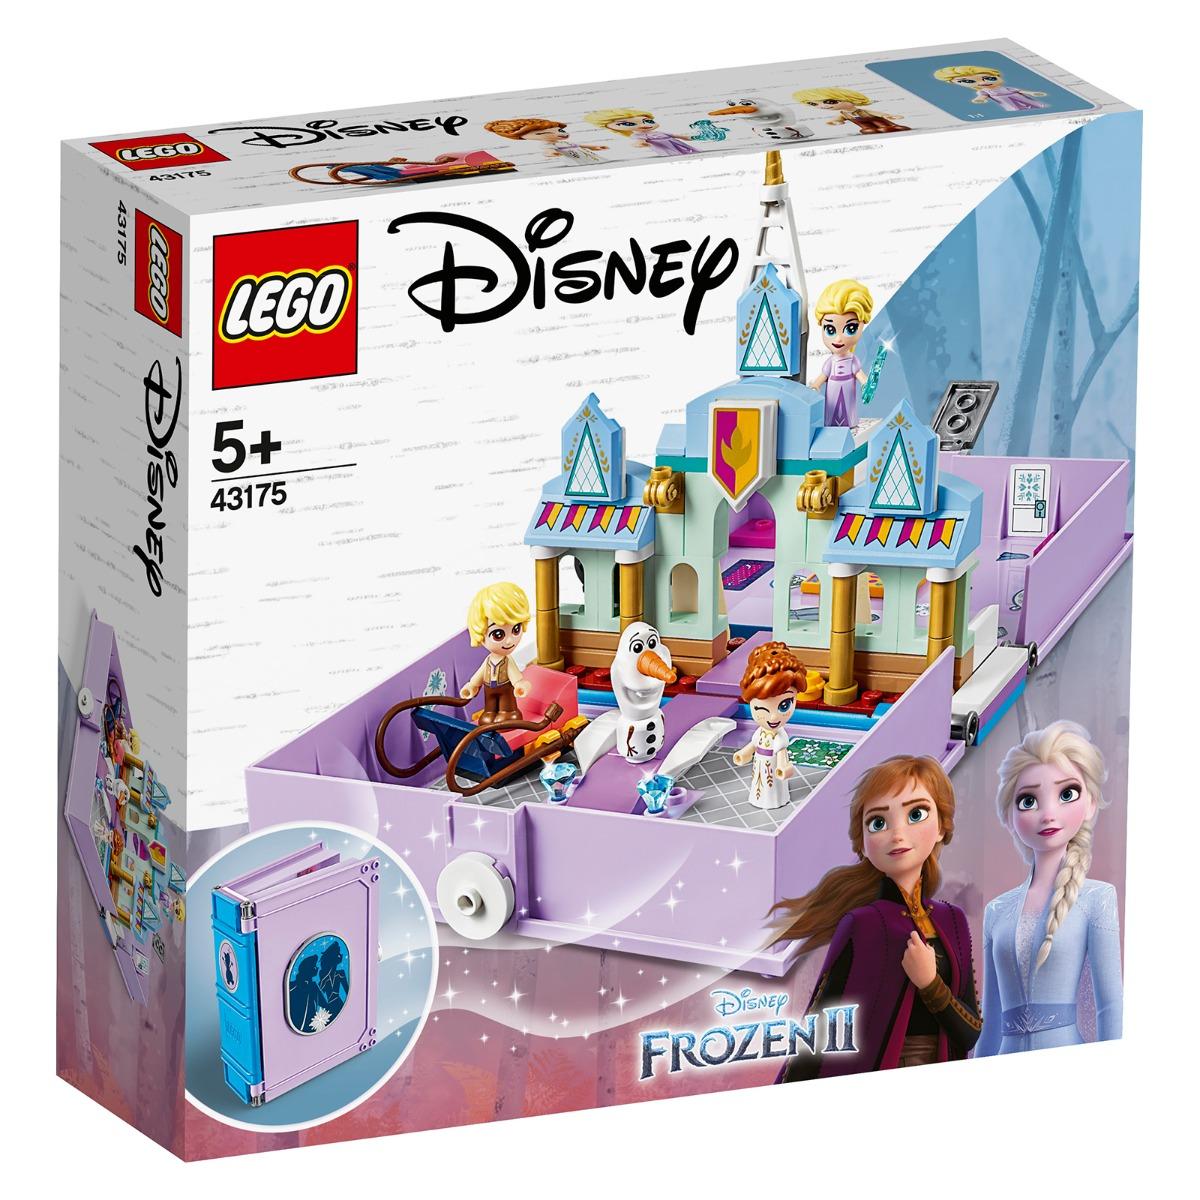 LEGO® Disney Frozen - Aventuri din cartea de povesti cu Anna si Elsa (3175)